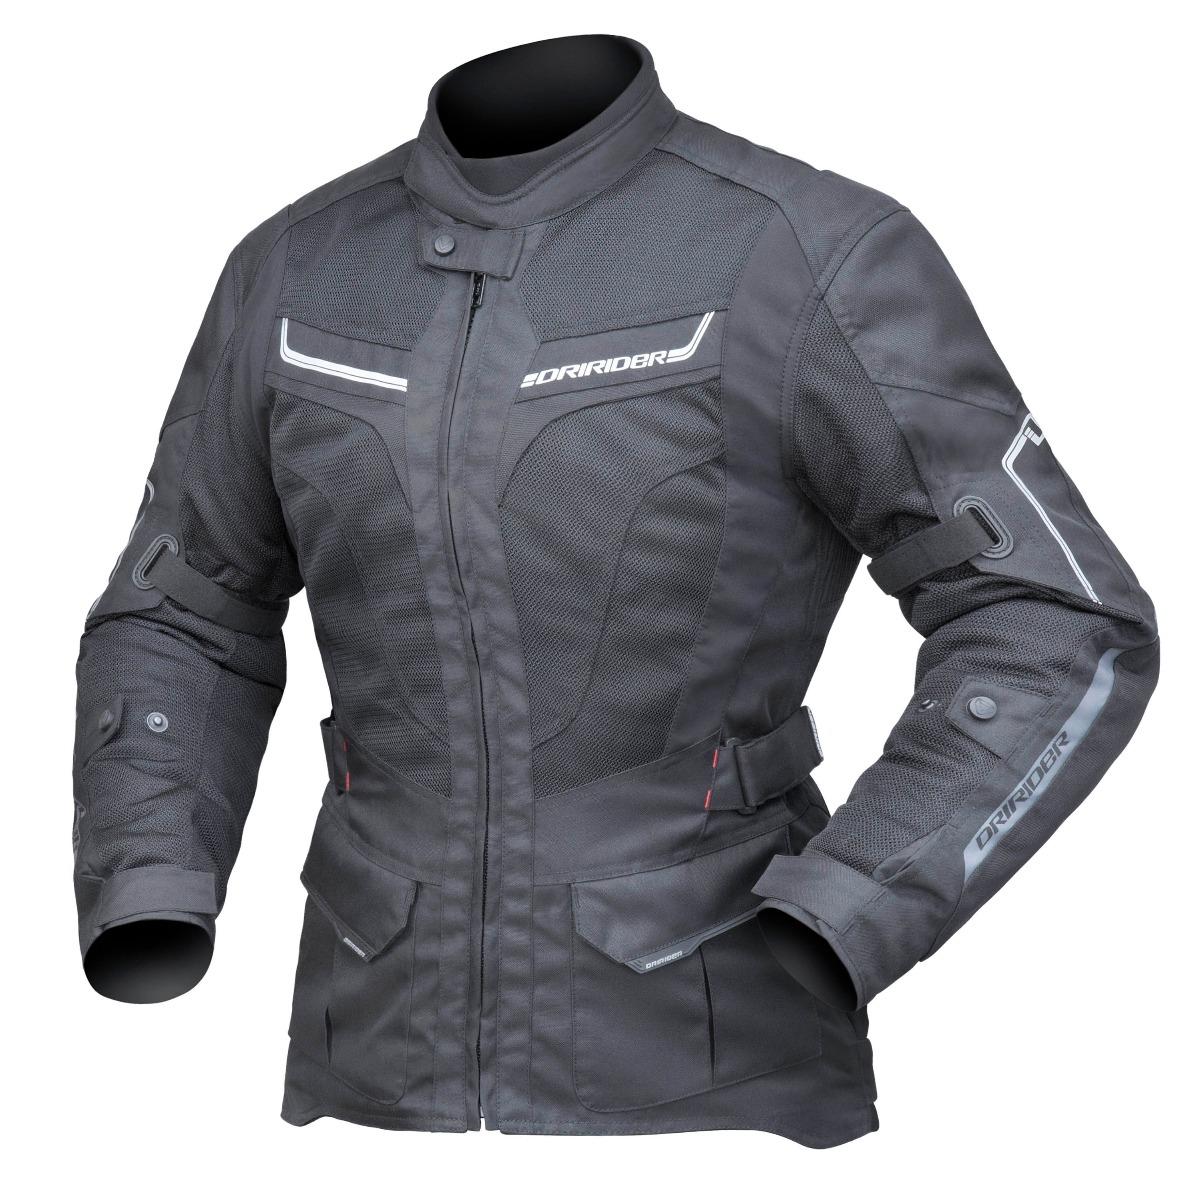 Dririder Women's Apex 5 Airflow Black Jacket